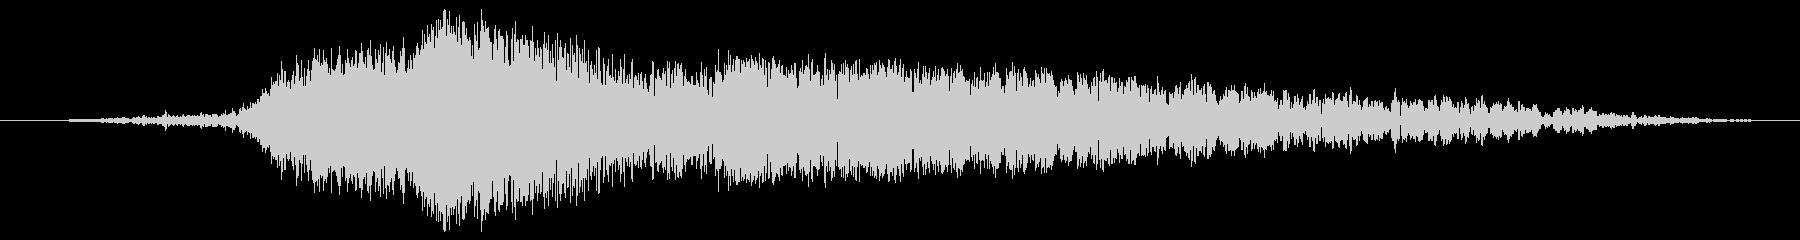 ヘビーオムナスウーシュ2の未再生の波形